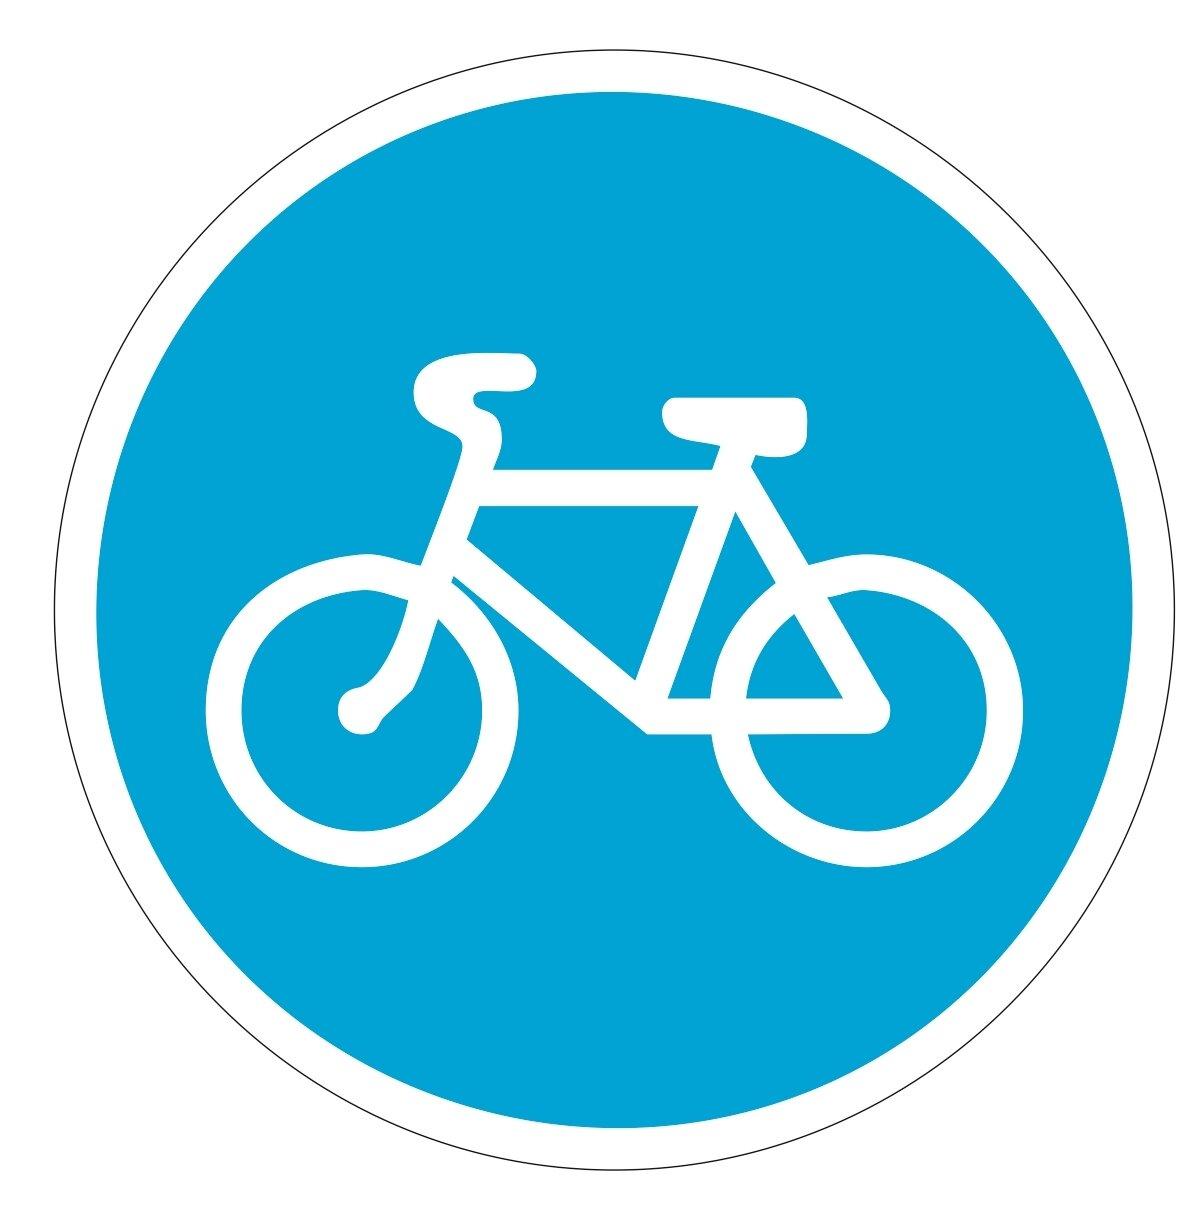 дорожный знак велосипедная дорожка картинка на белом фоне восточная